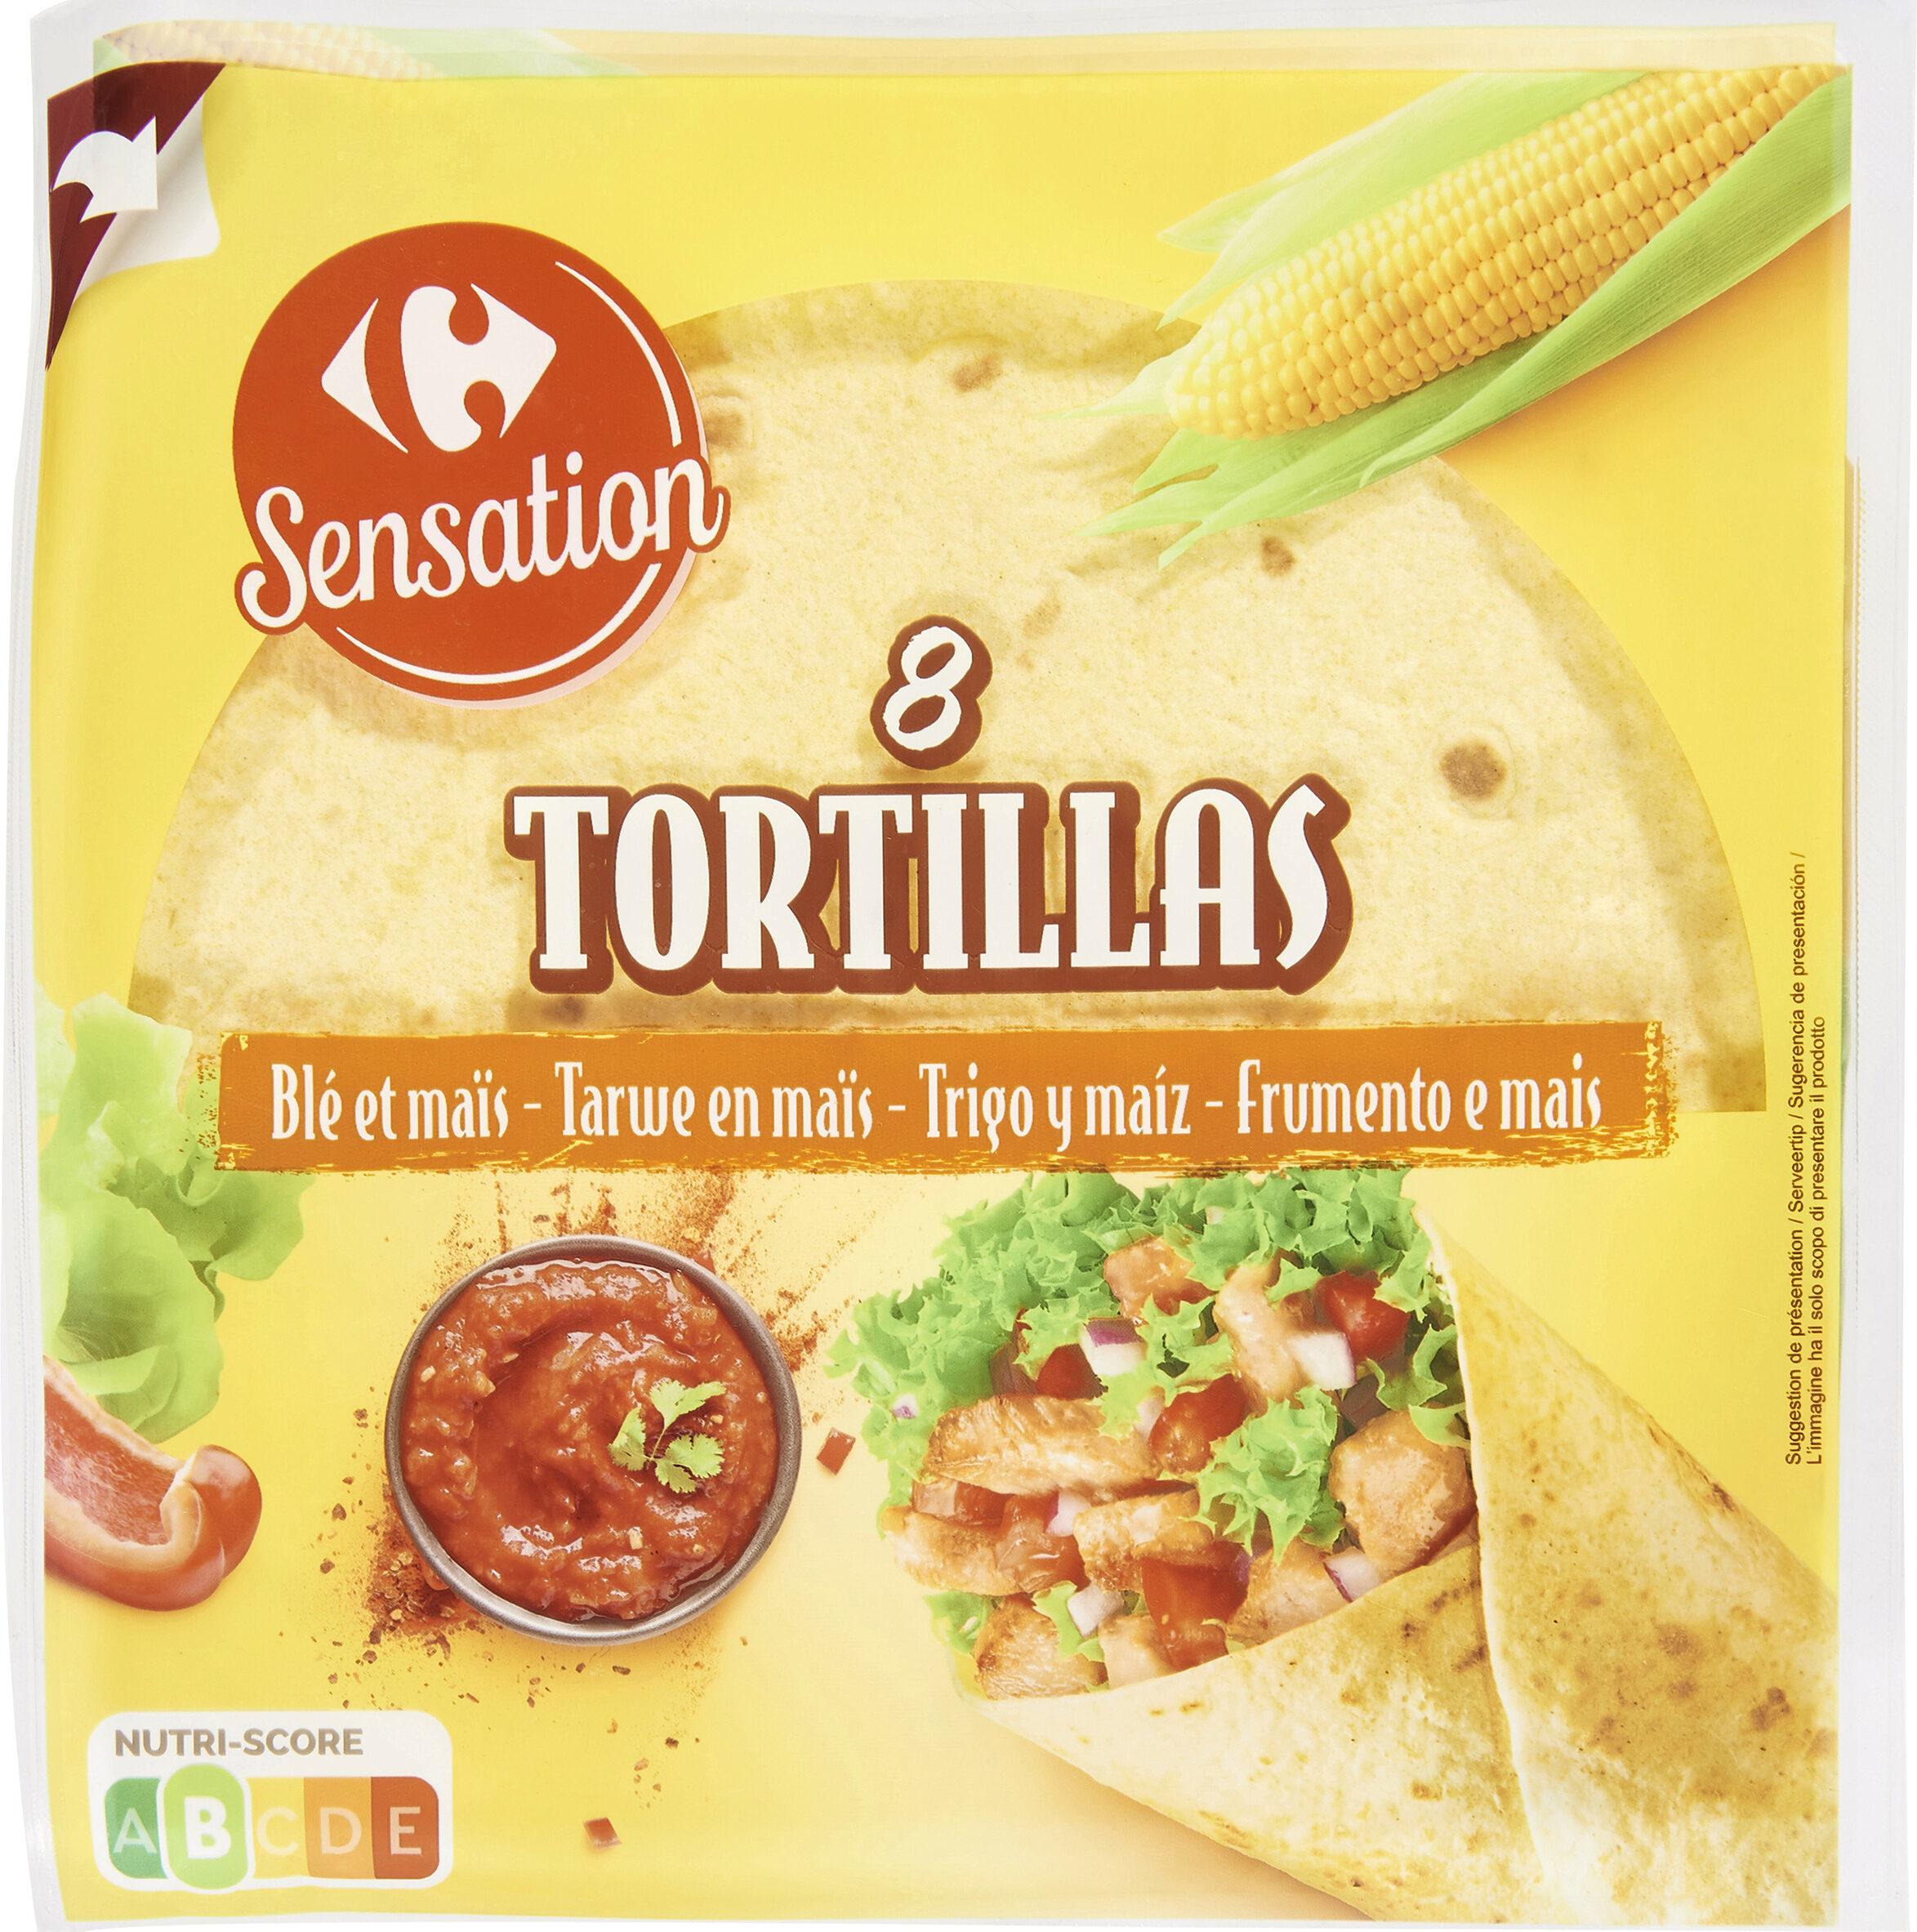 8 tortillas - Product - fr